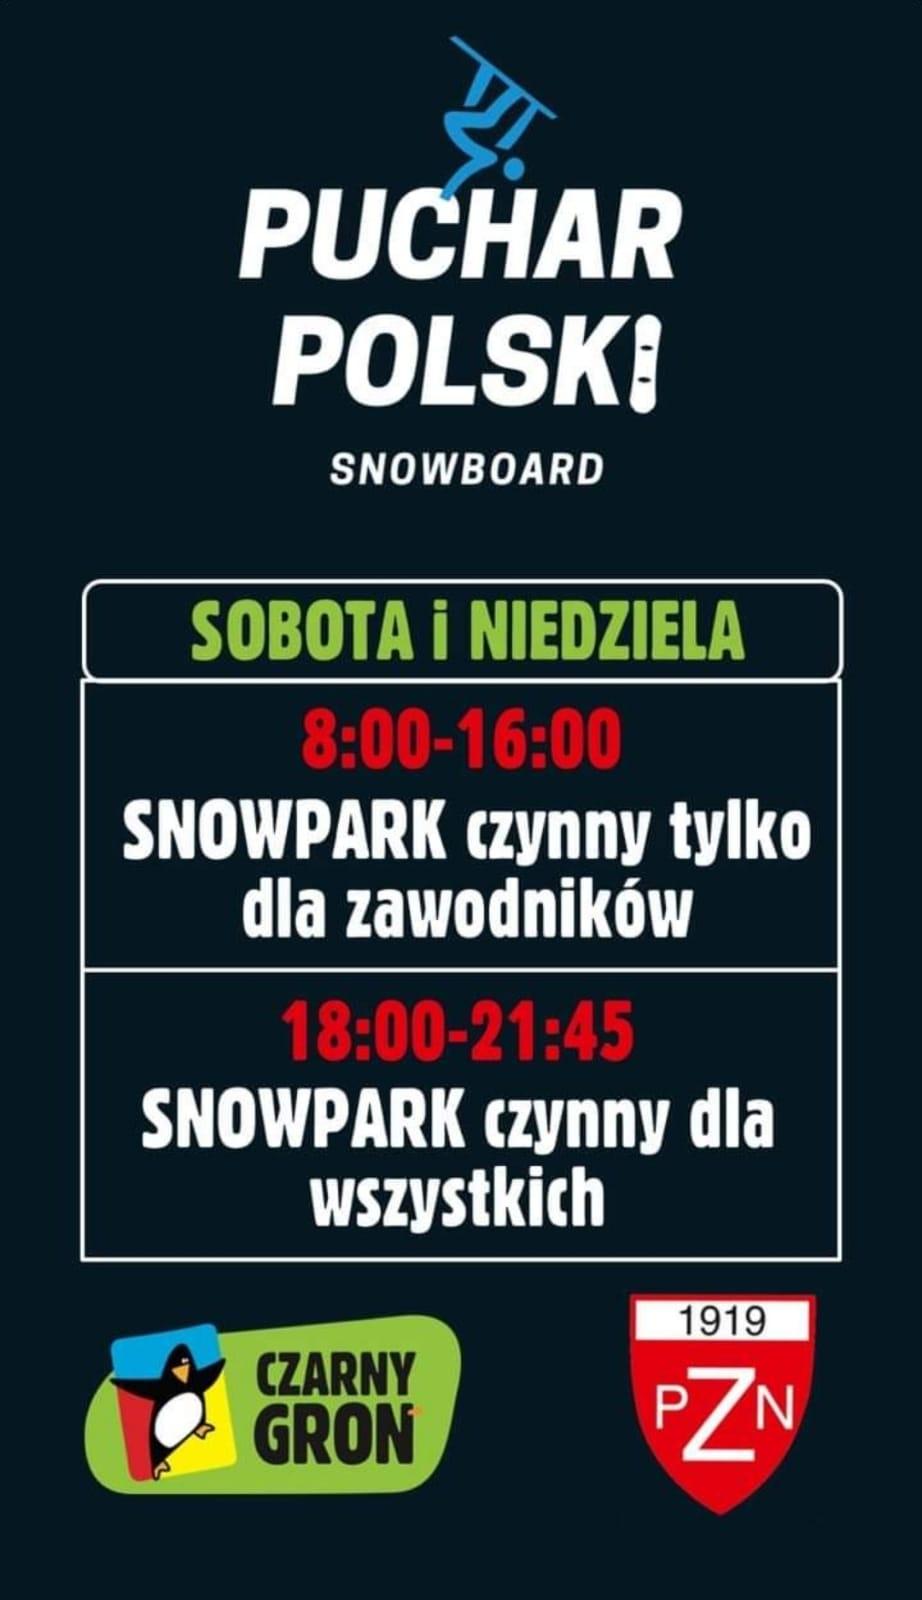 W weekend Puchar Polski na Czarnym Groniu